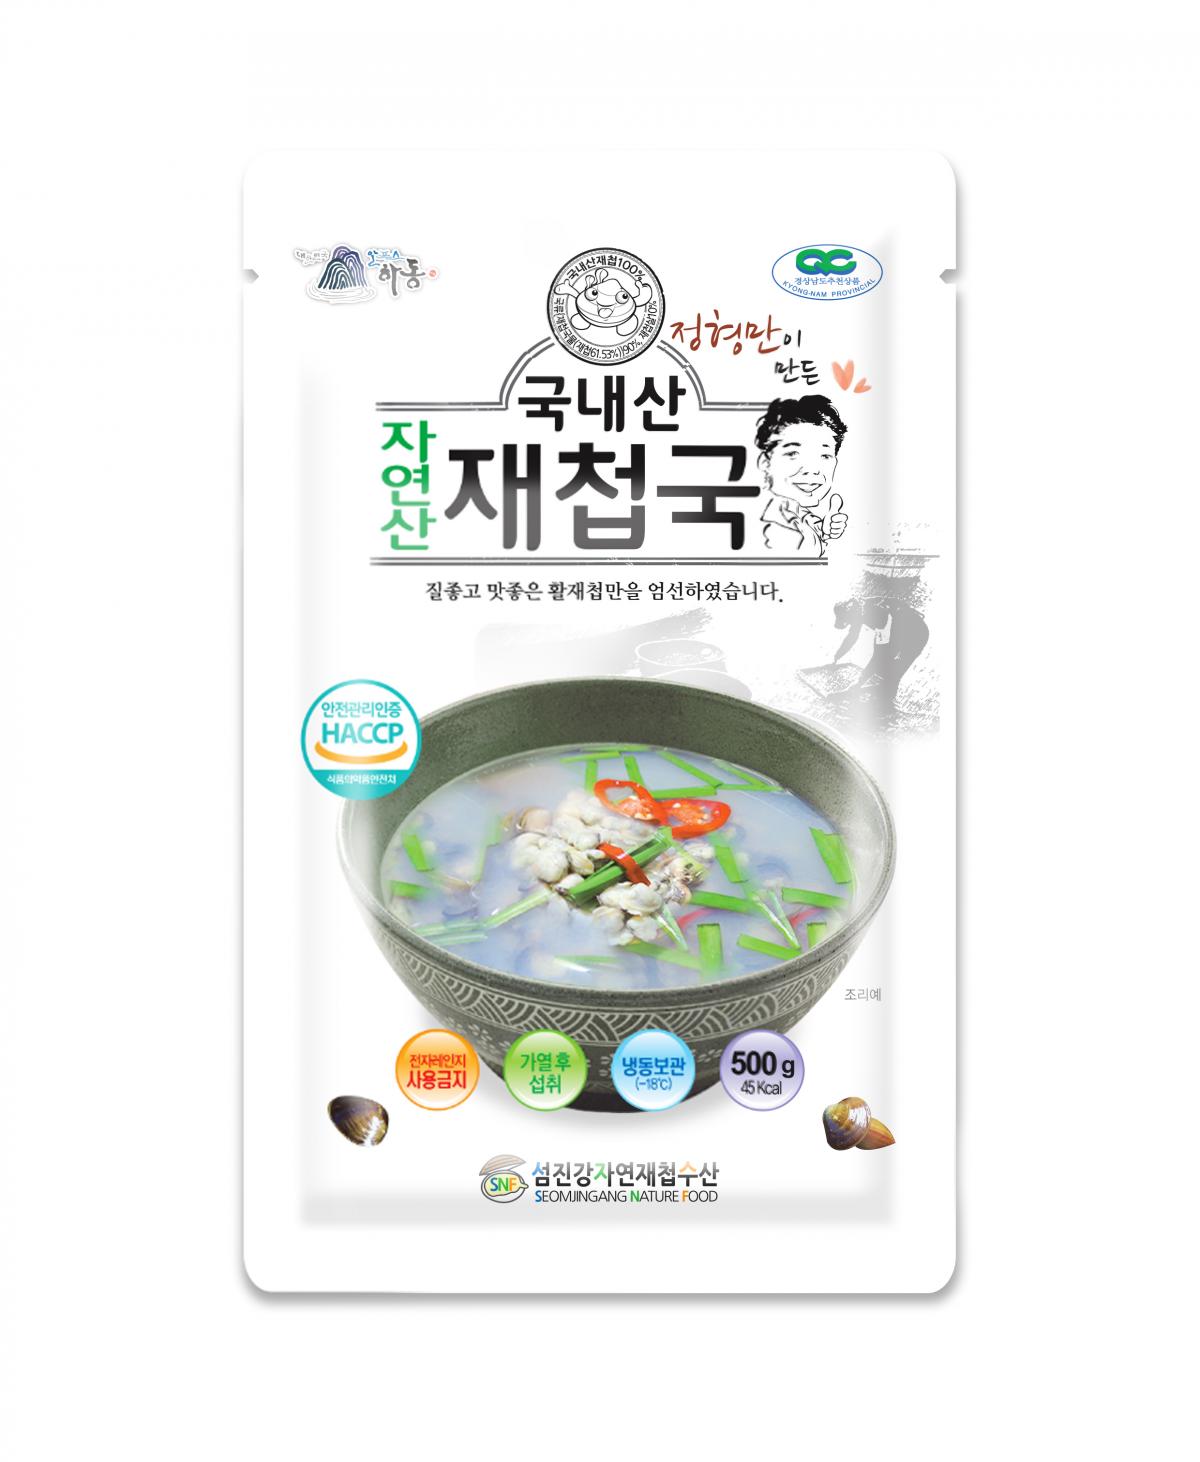 하동군_섬진강자연재첩수산 사진(재첩국)